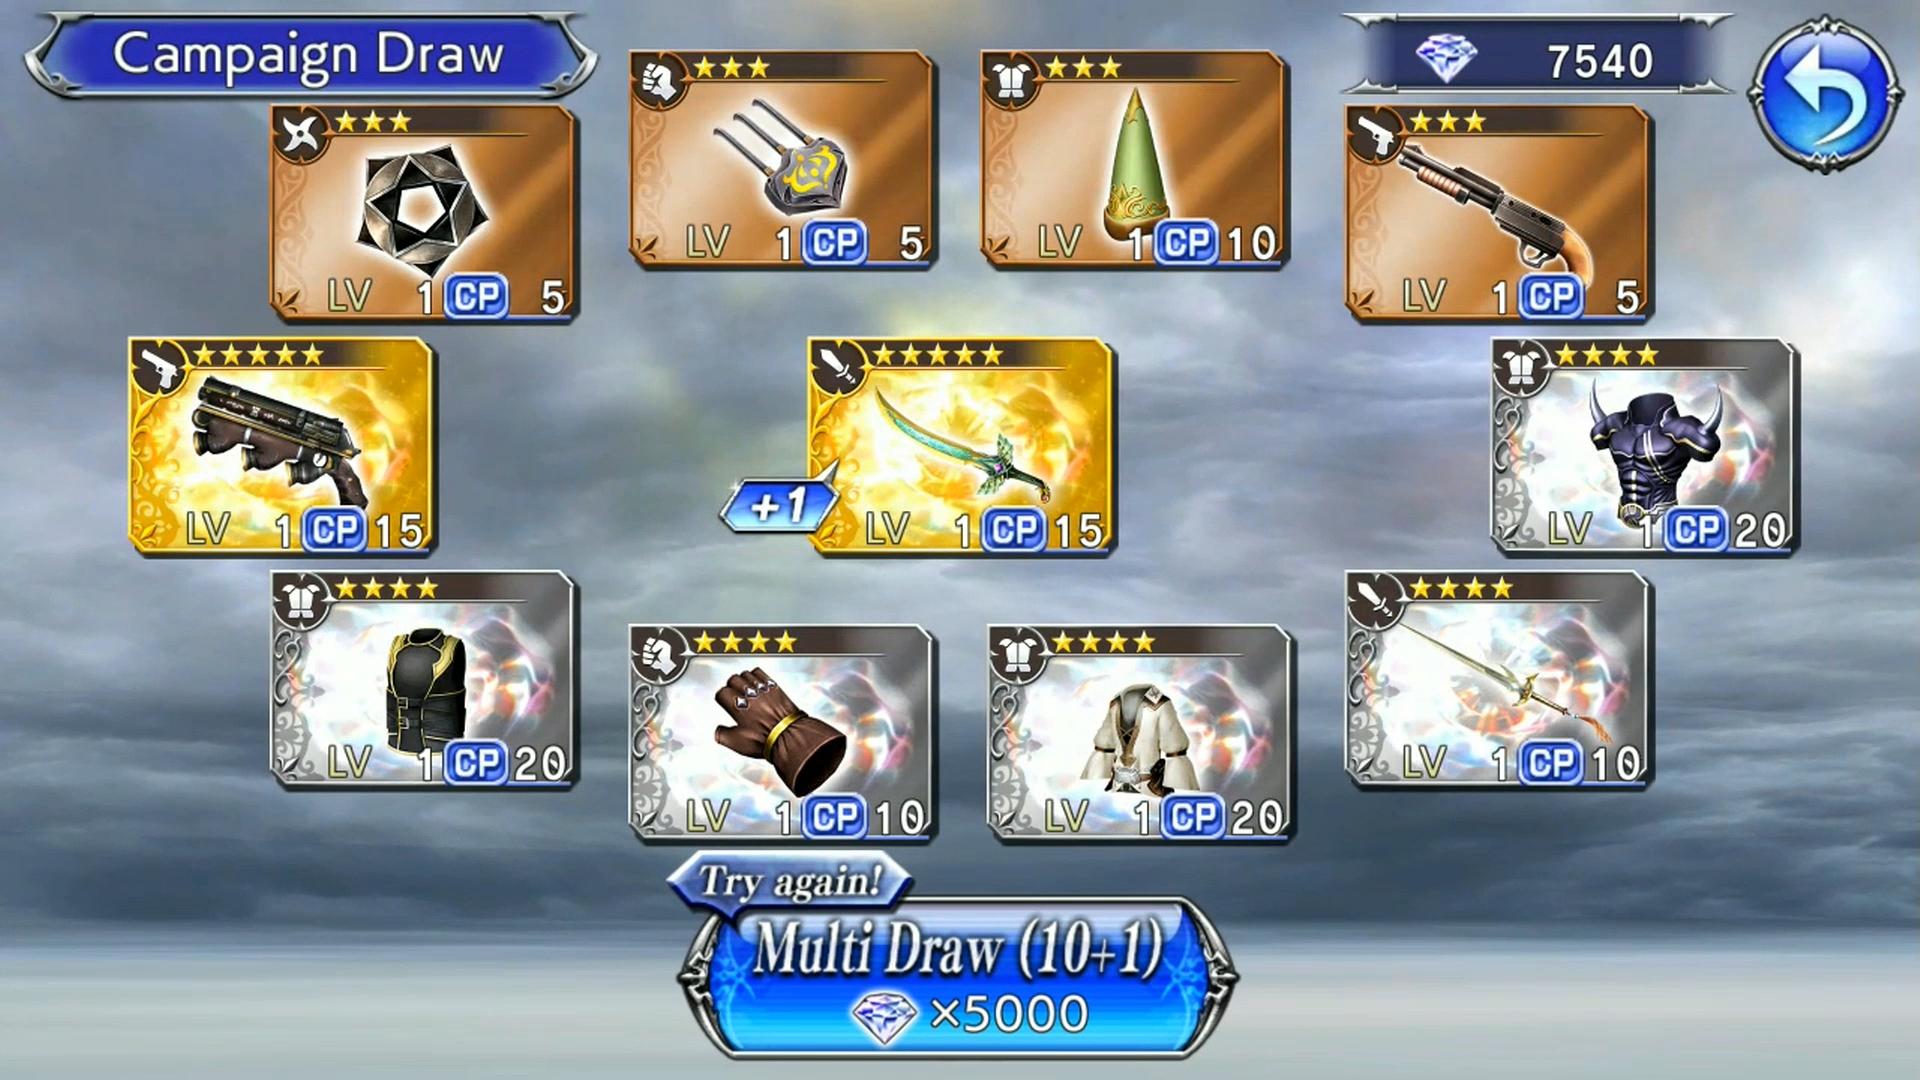 دليلك المرجعي السريع إلى Dissidia Final Fantasy Opera Omnia 4